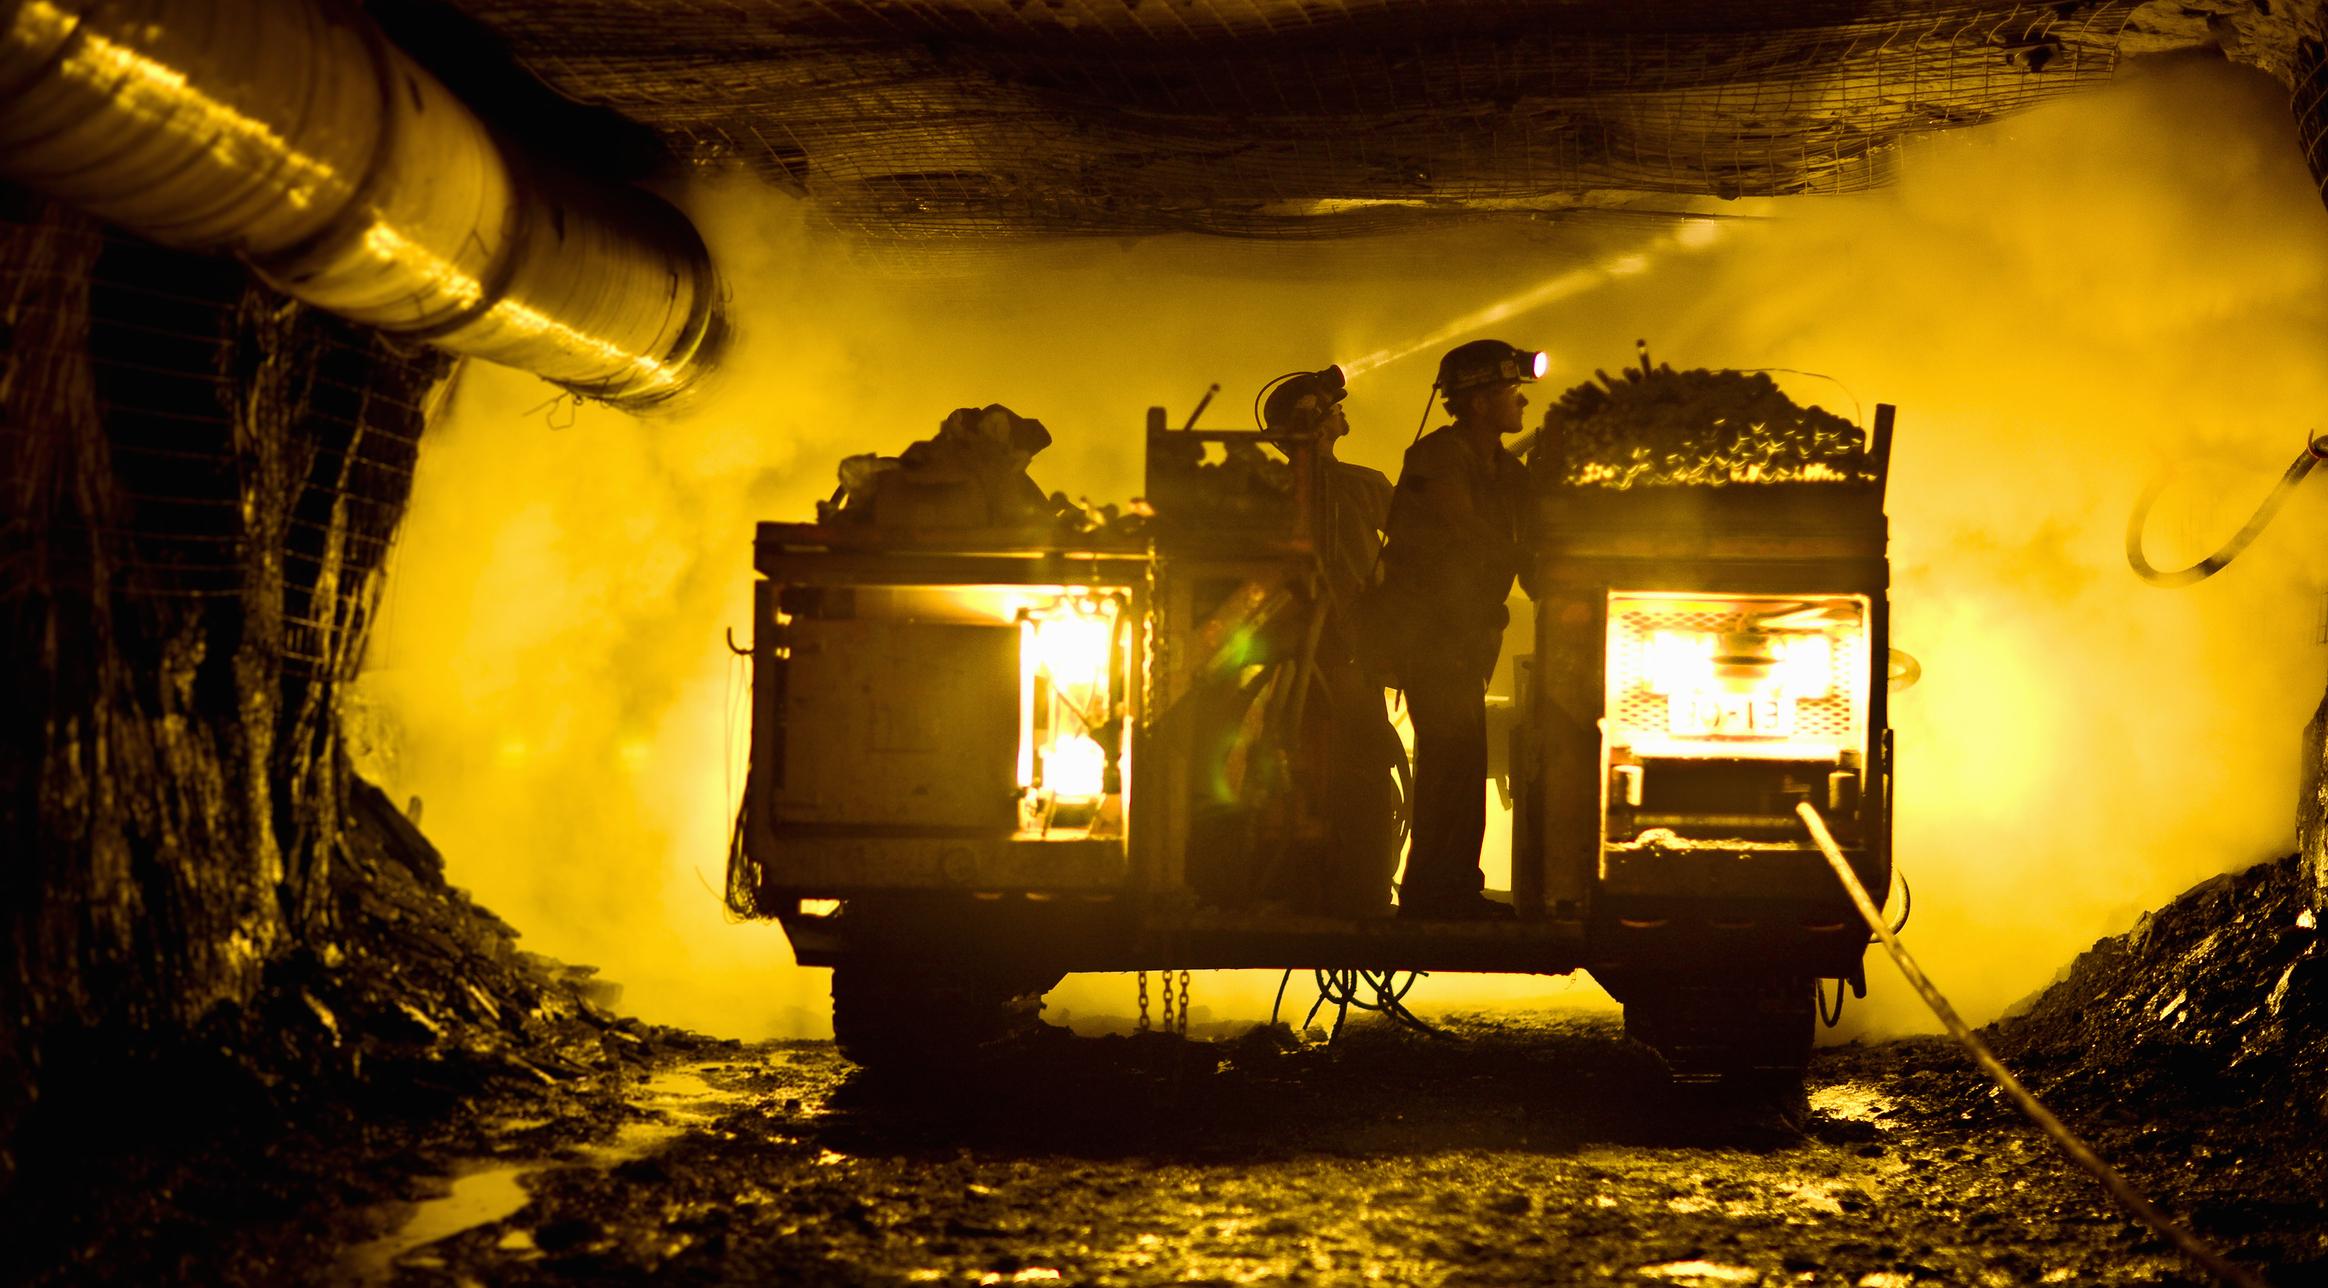 Auxiliar de mina subterrânea não receberá horas extras relativas a intervalo intrajornada